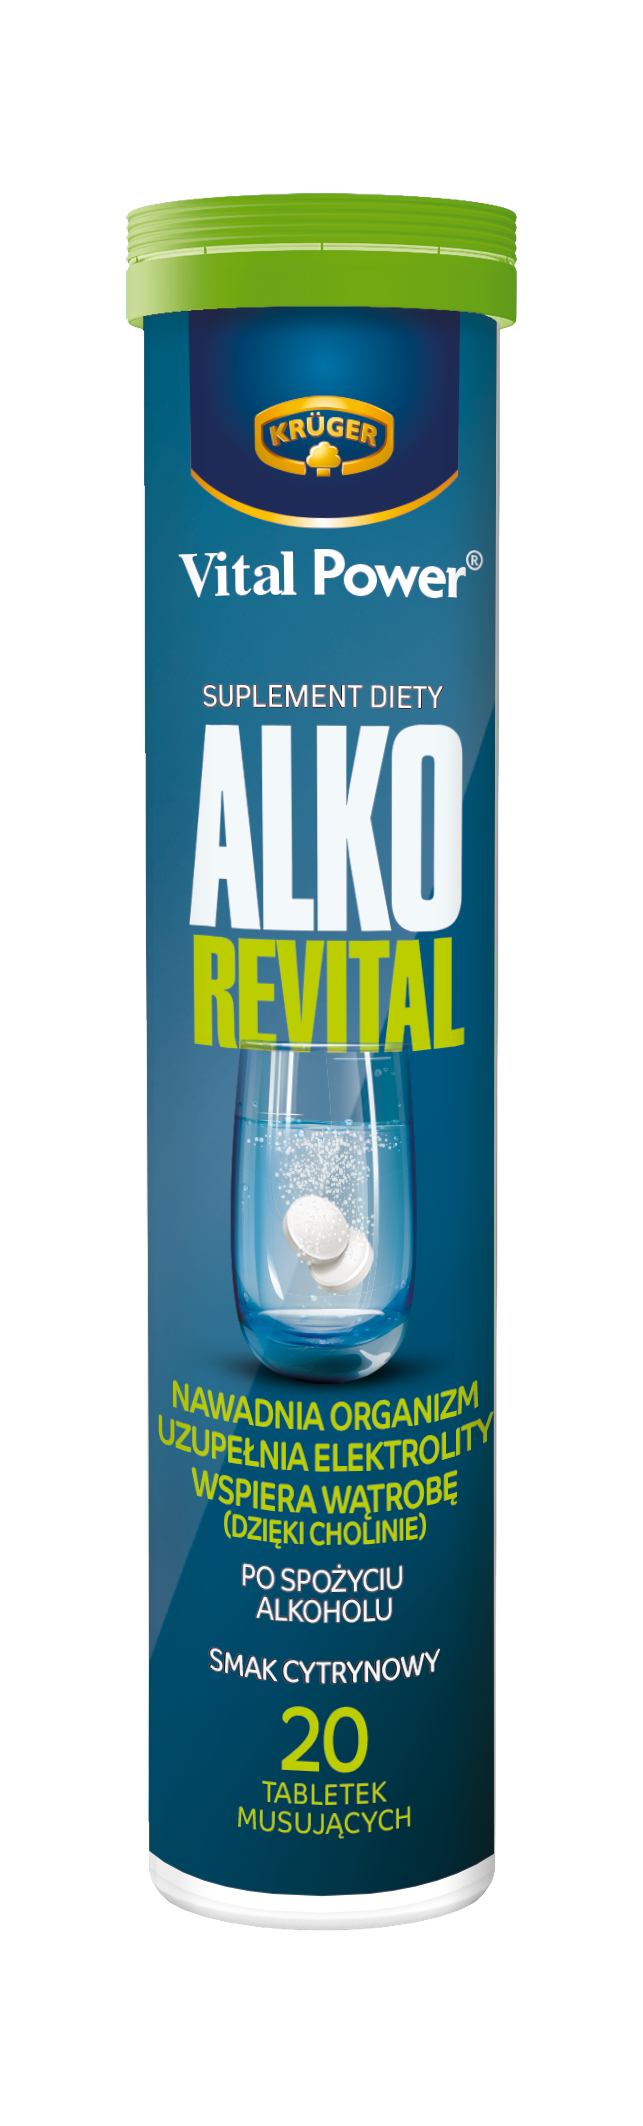 Krüger Alko Revital